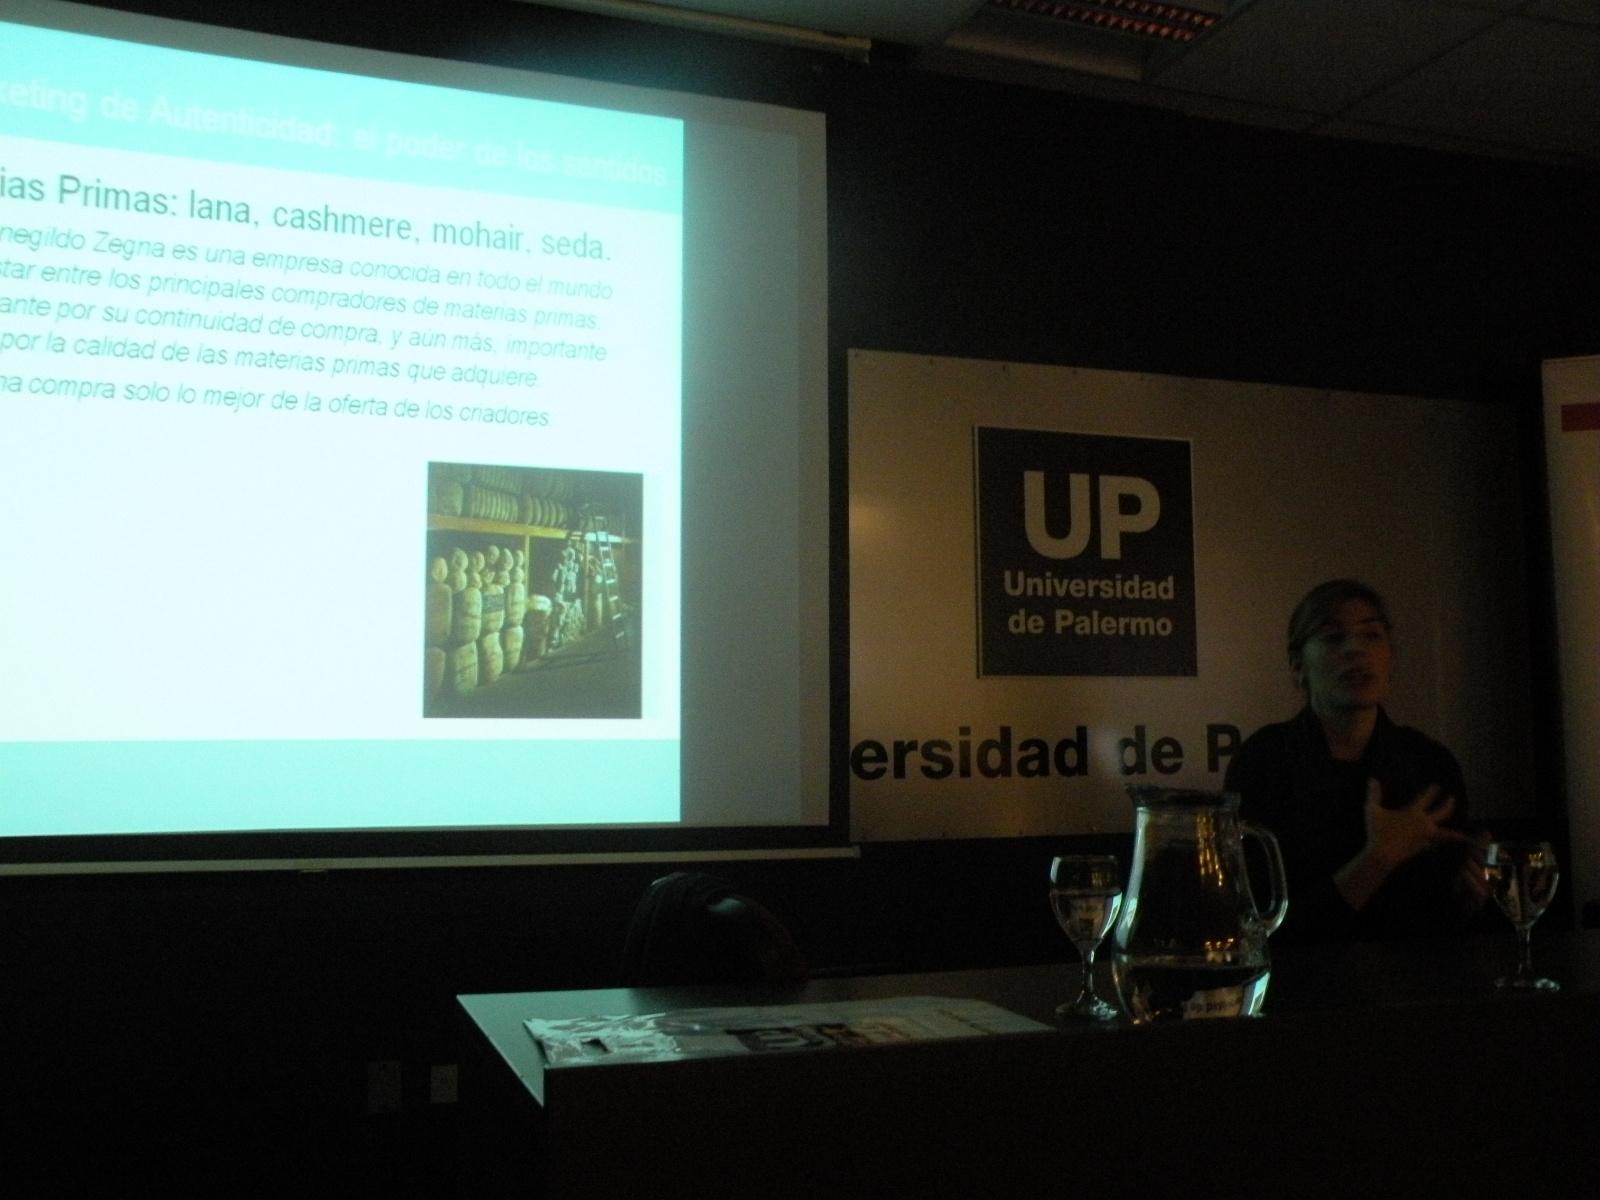 Presentación en el auditorio de la UP